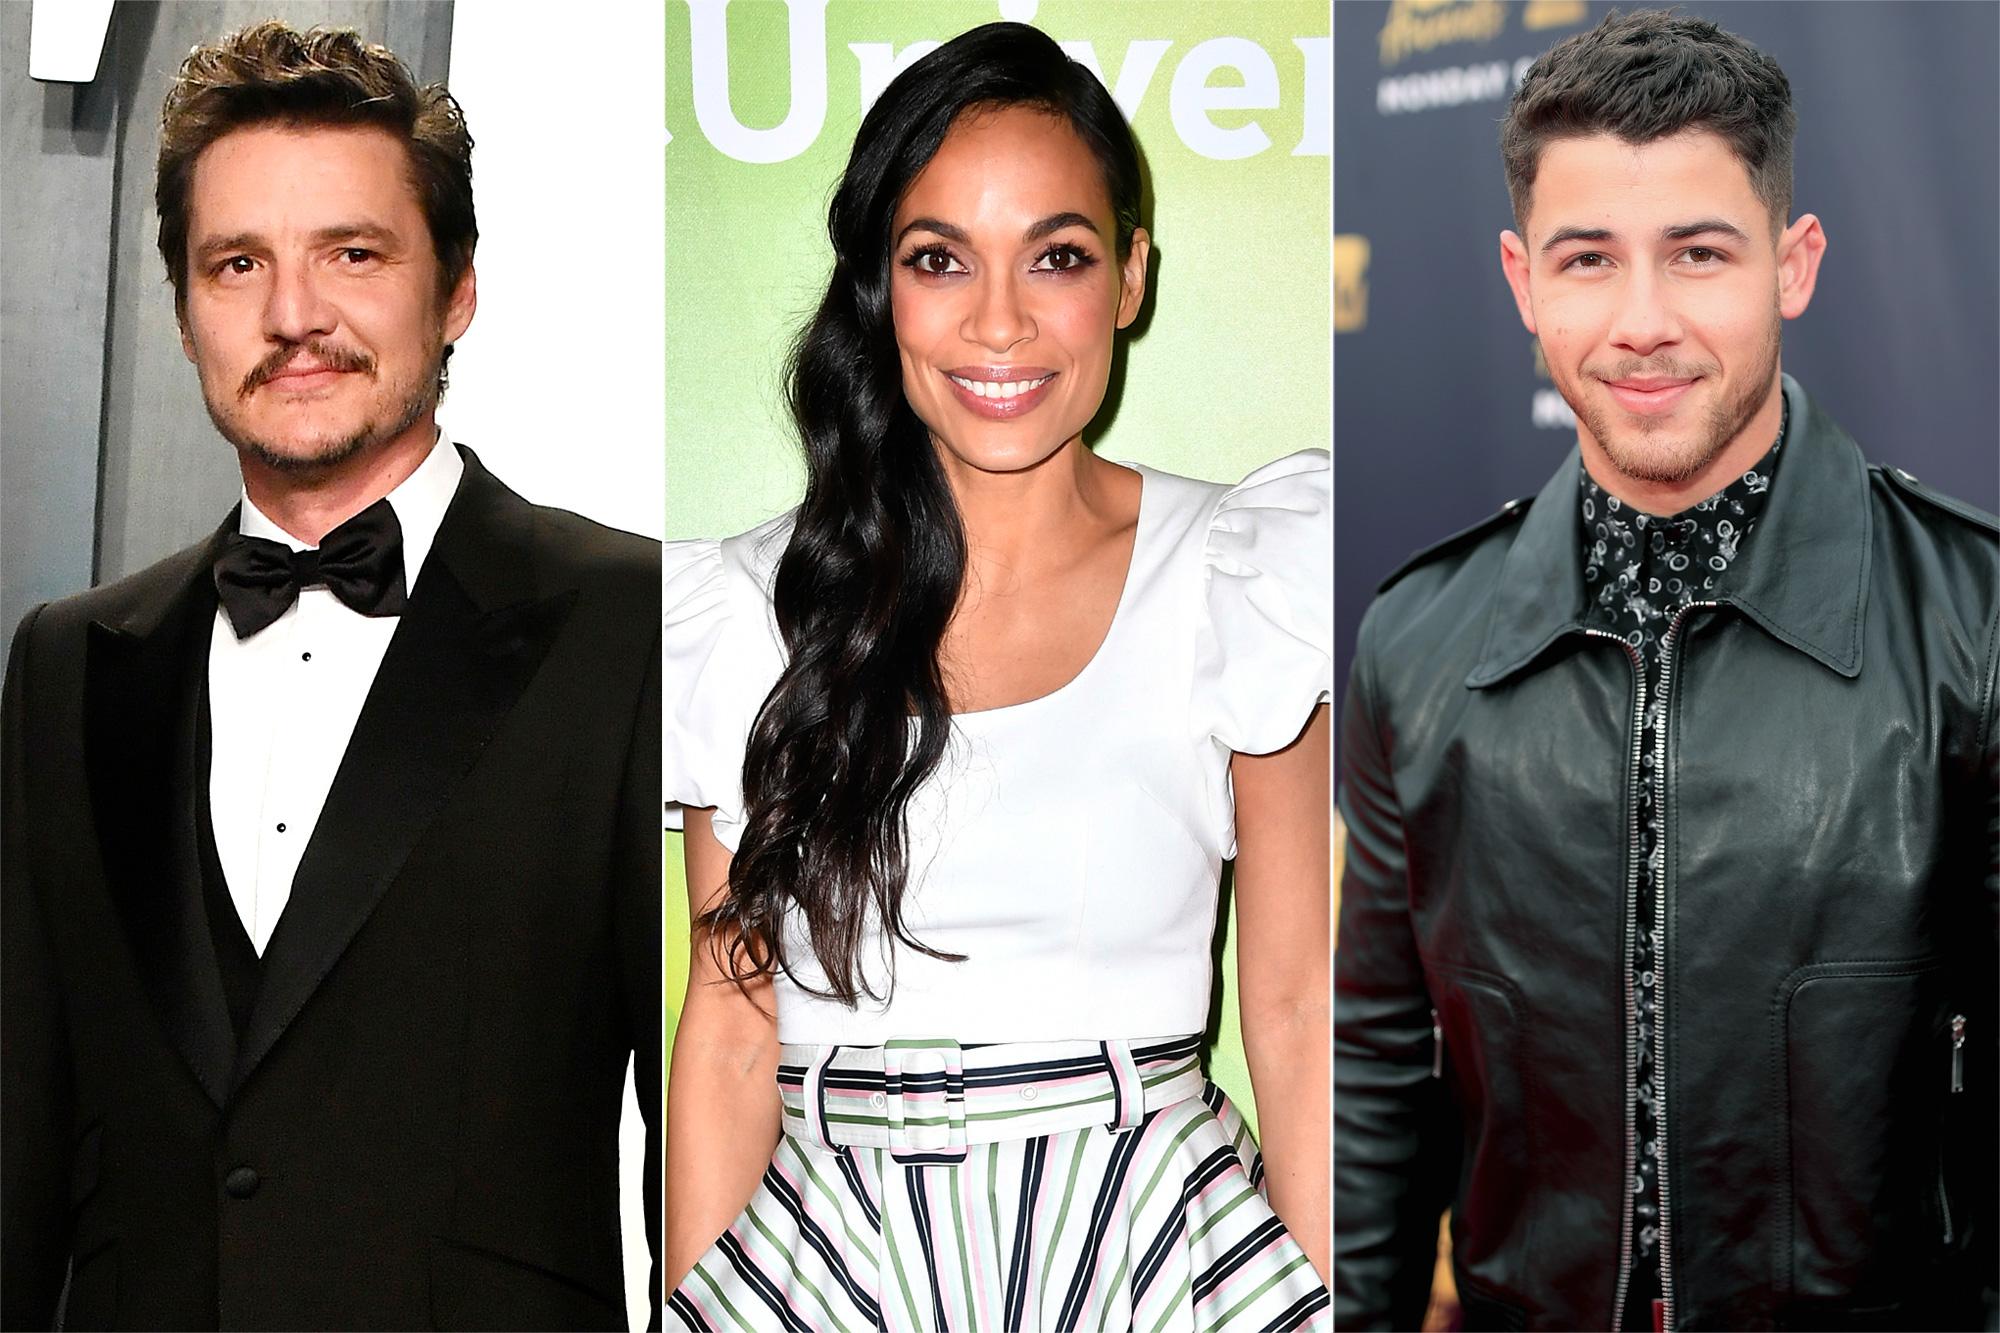 Pedro Pascal, Rosario Dawson, and Nick Jonas